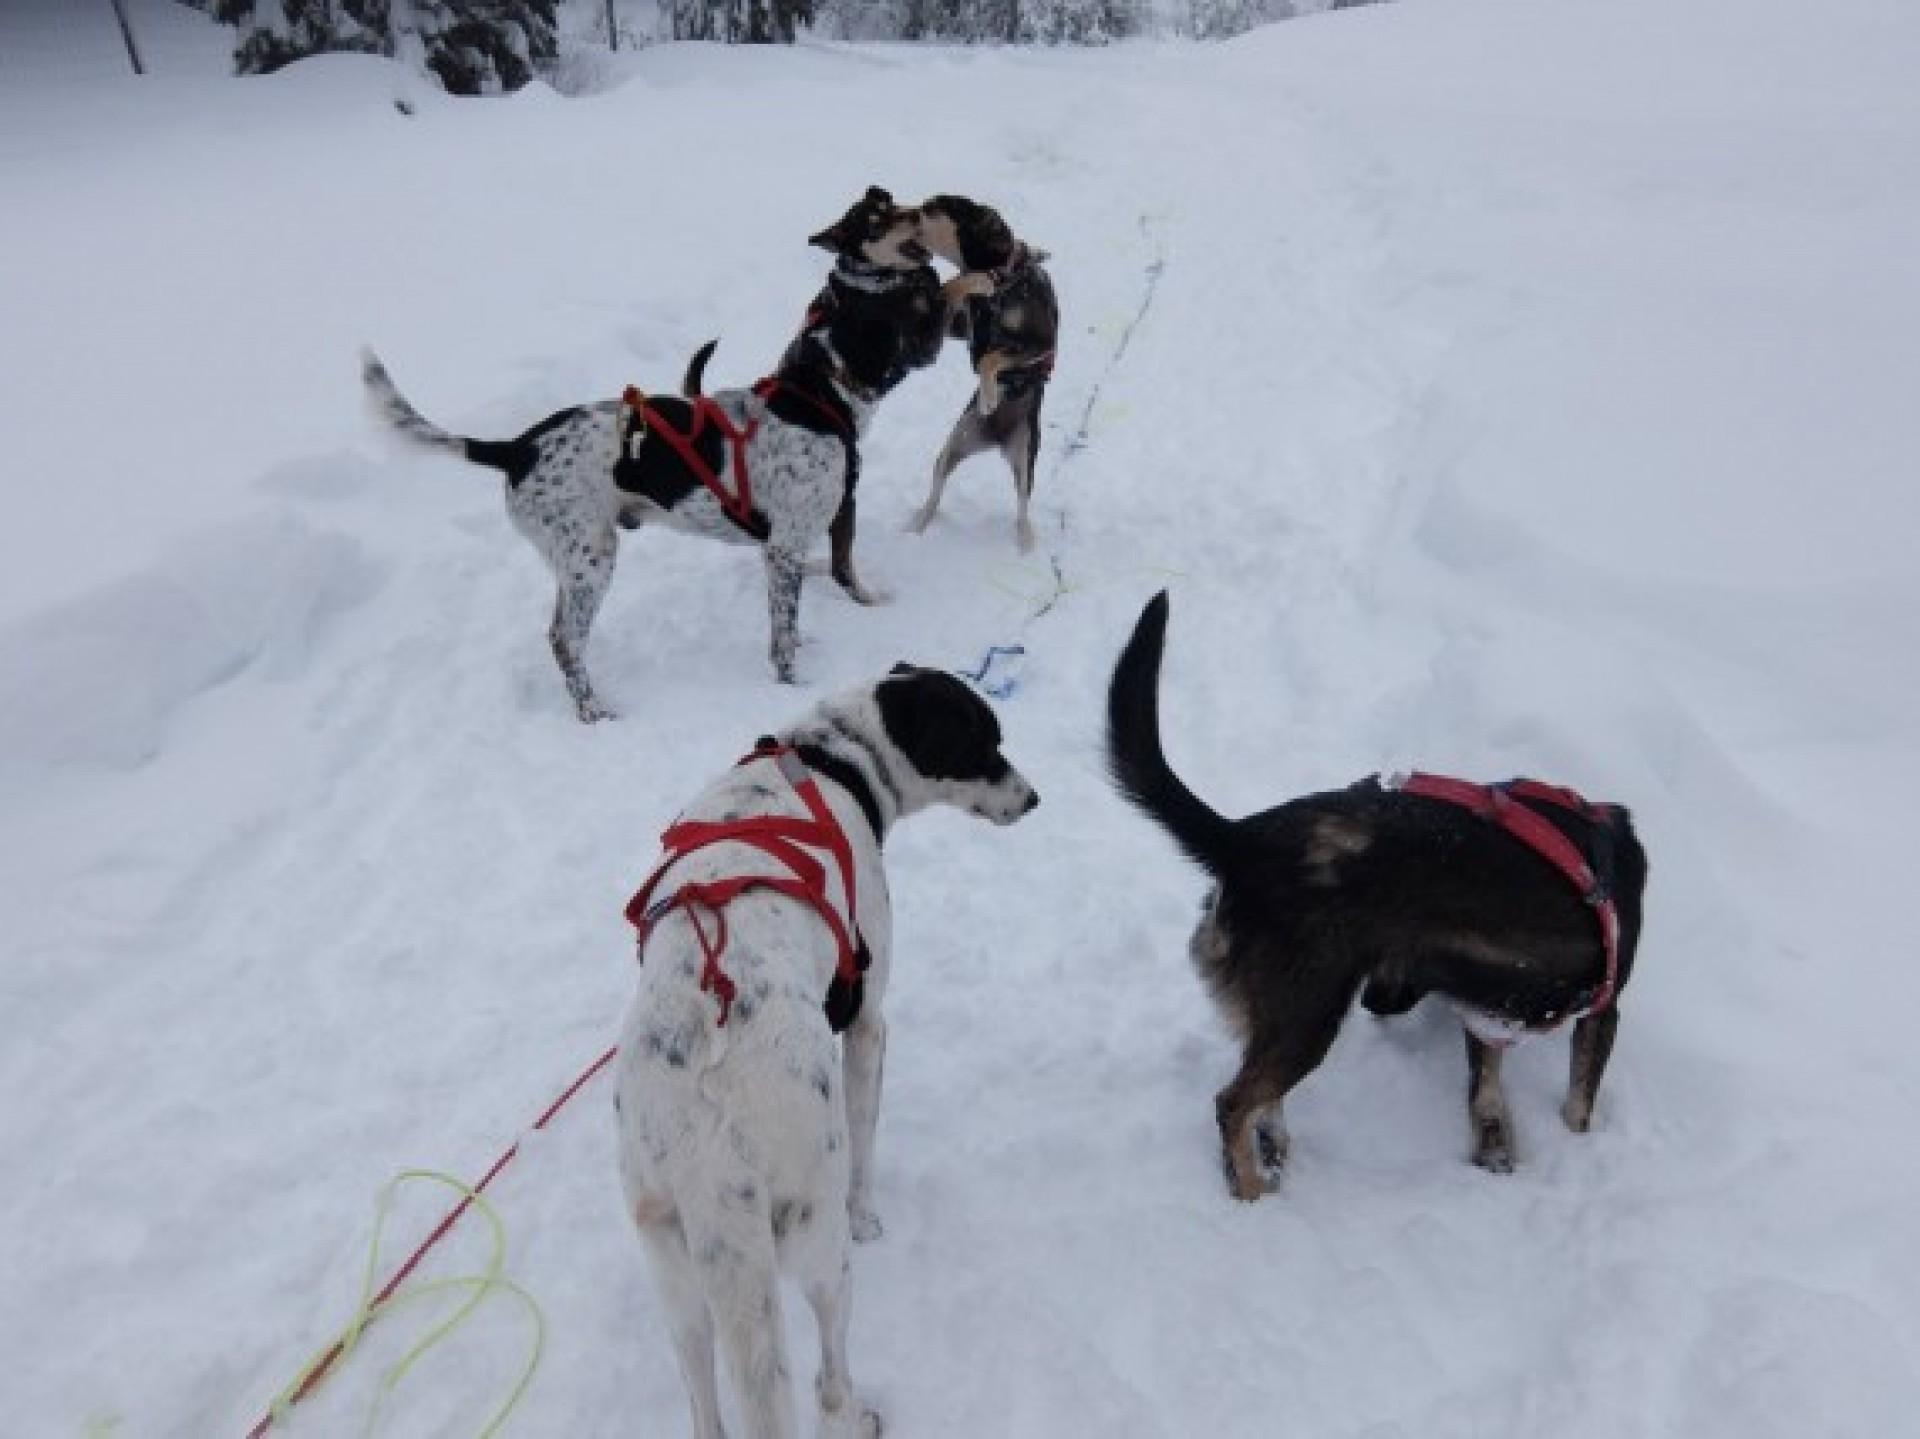 Balade en chiens de traineaux dans les montagnes du jura for Balade chien de traineau doubs